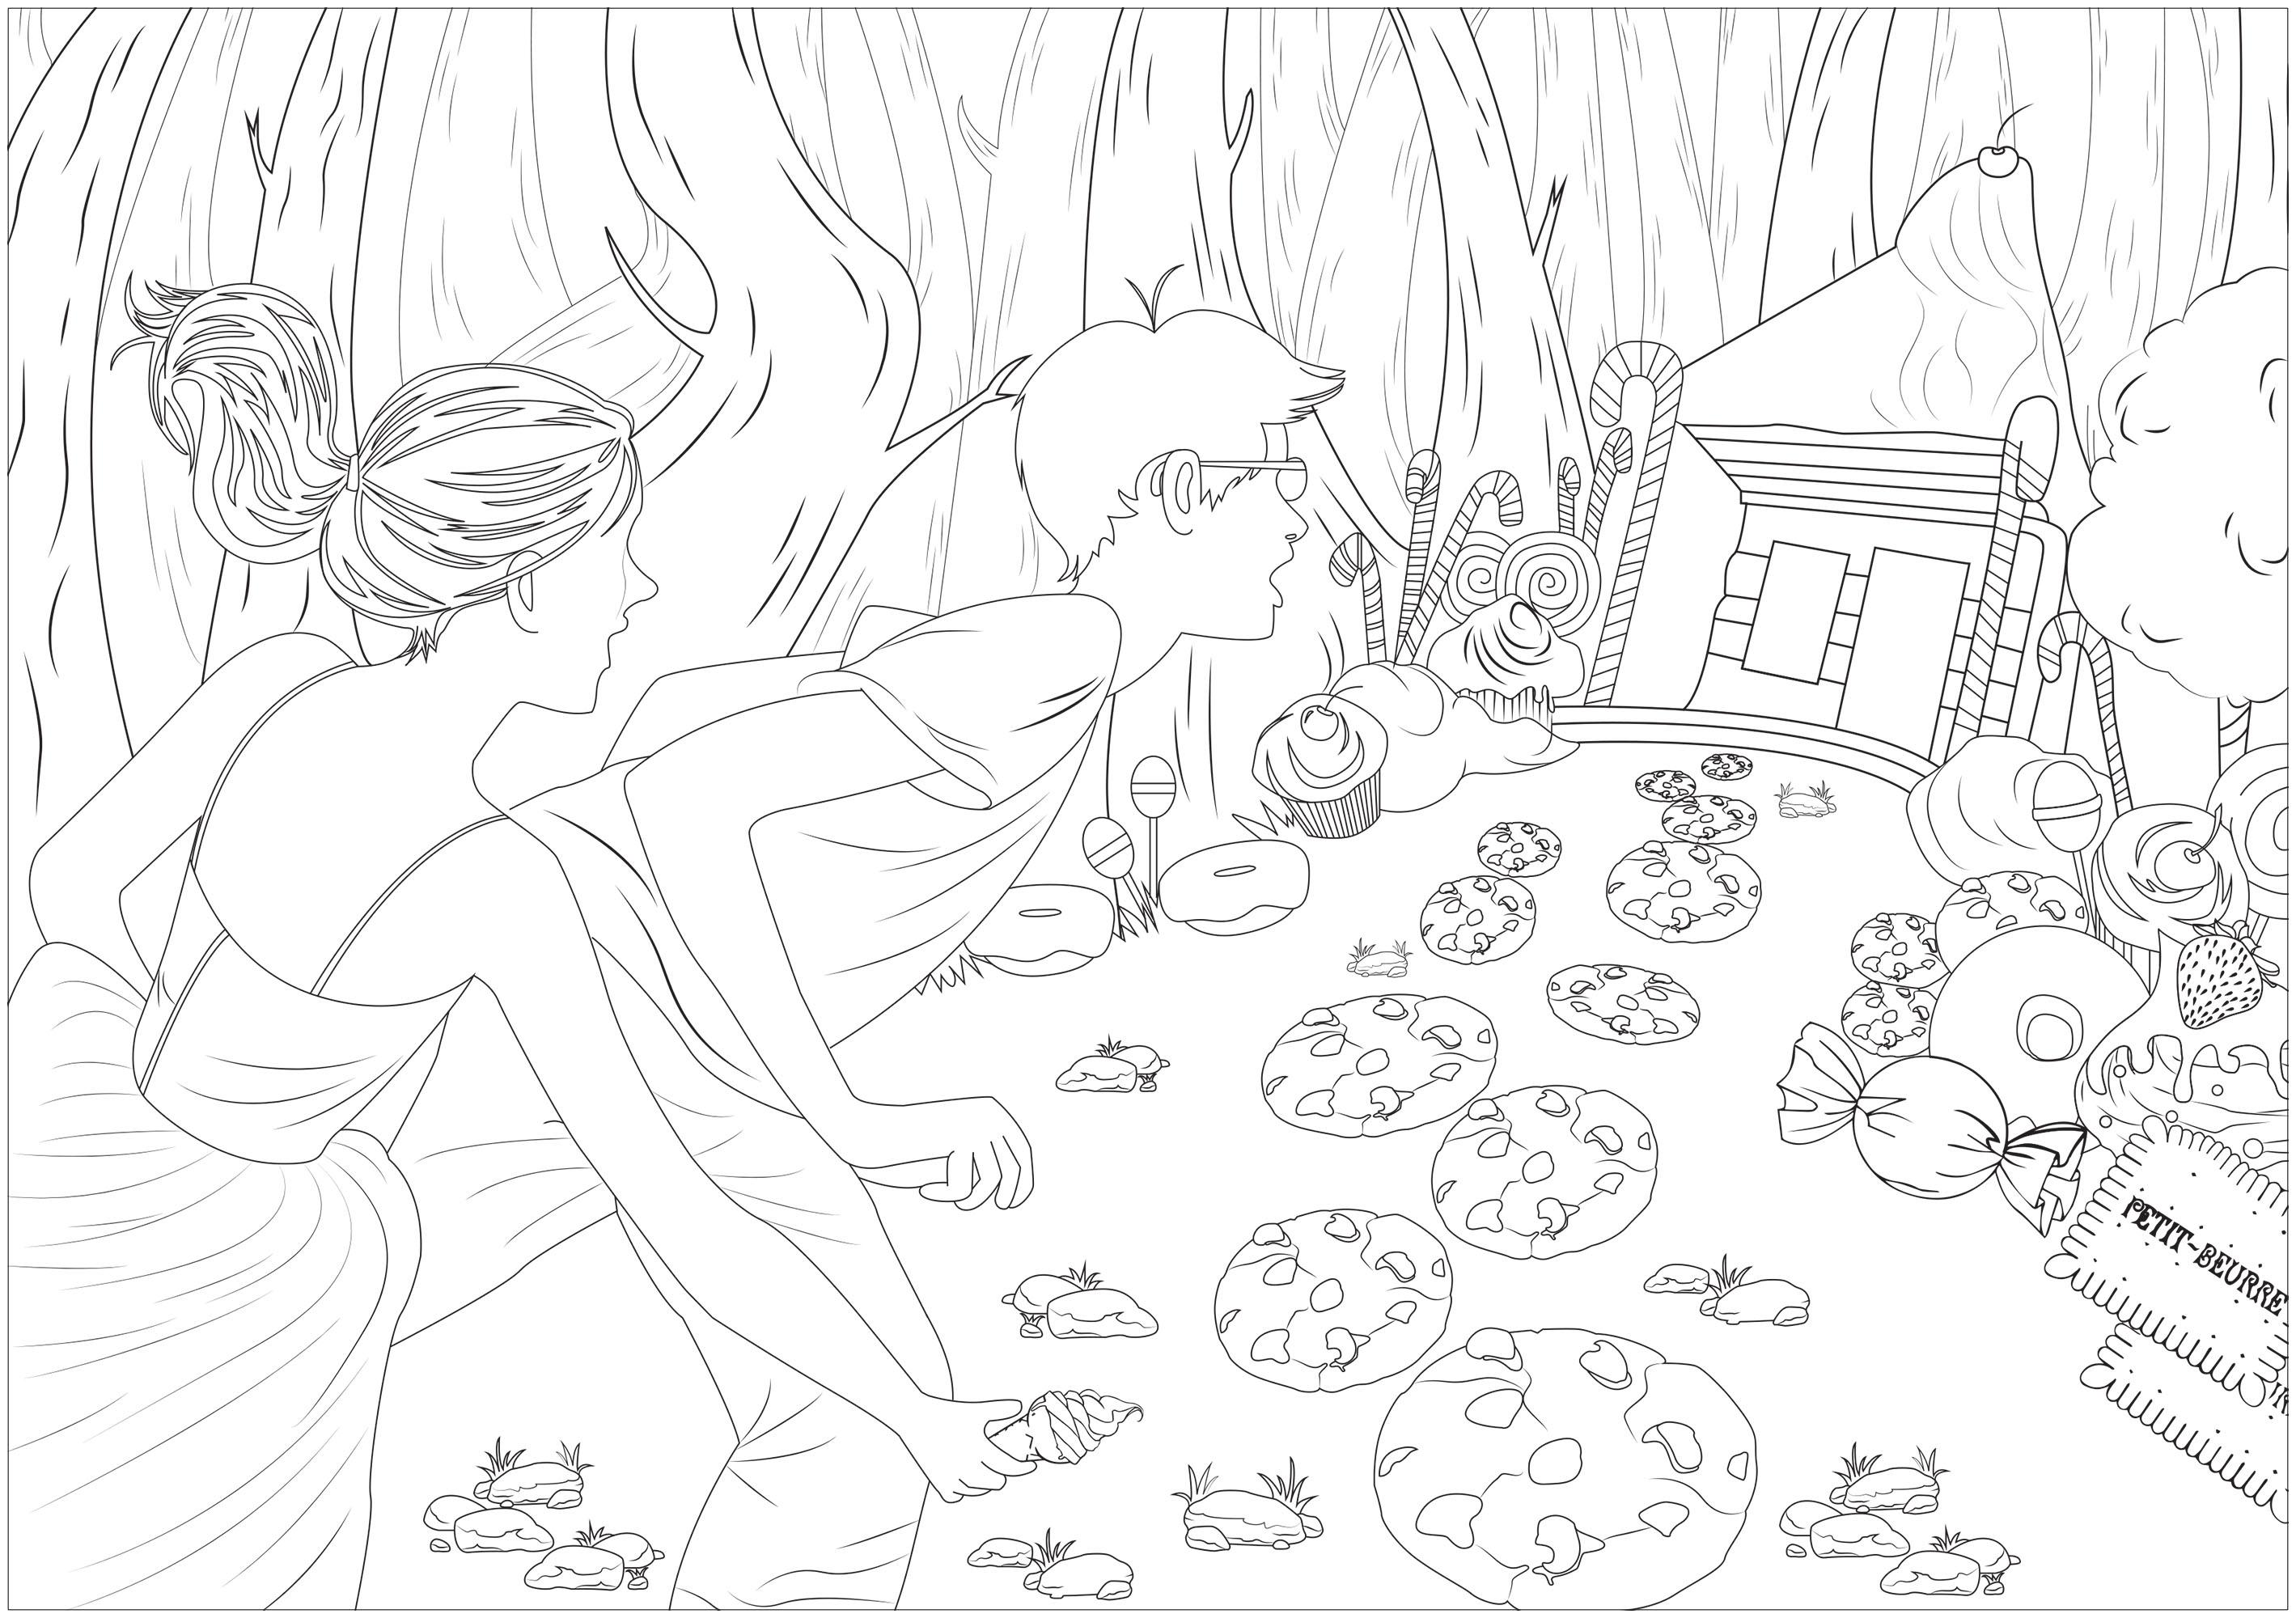 Illustration inspirée par Hansel & Gretel, conte populaire recueilli par les frères Grimm